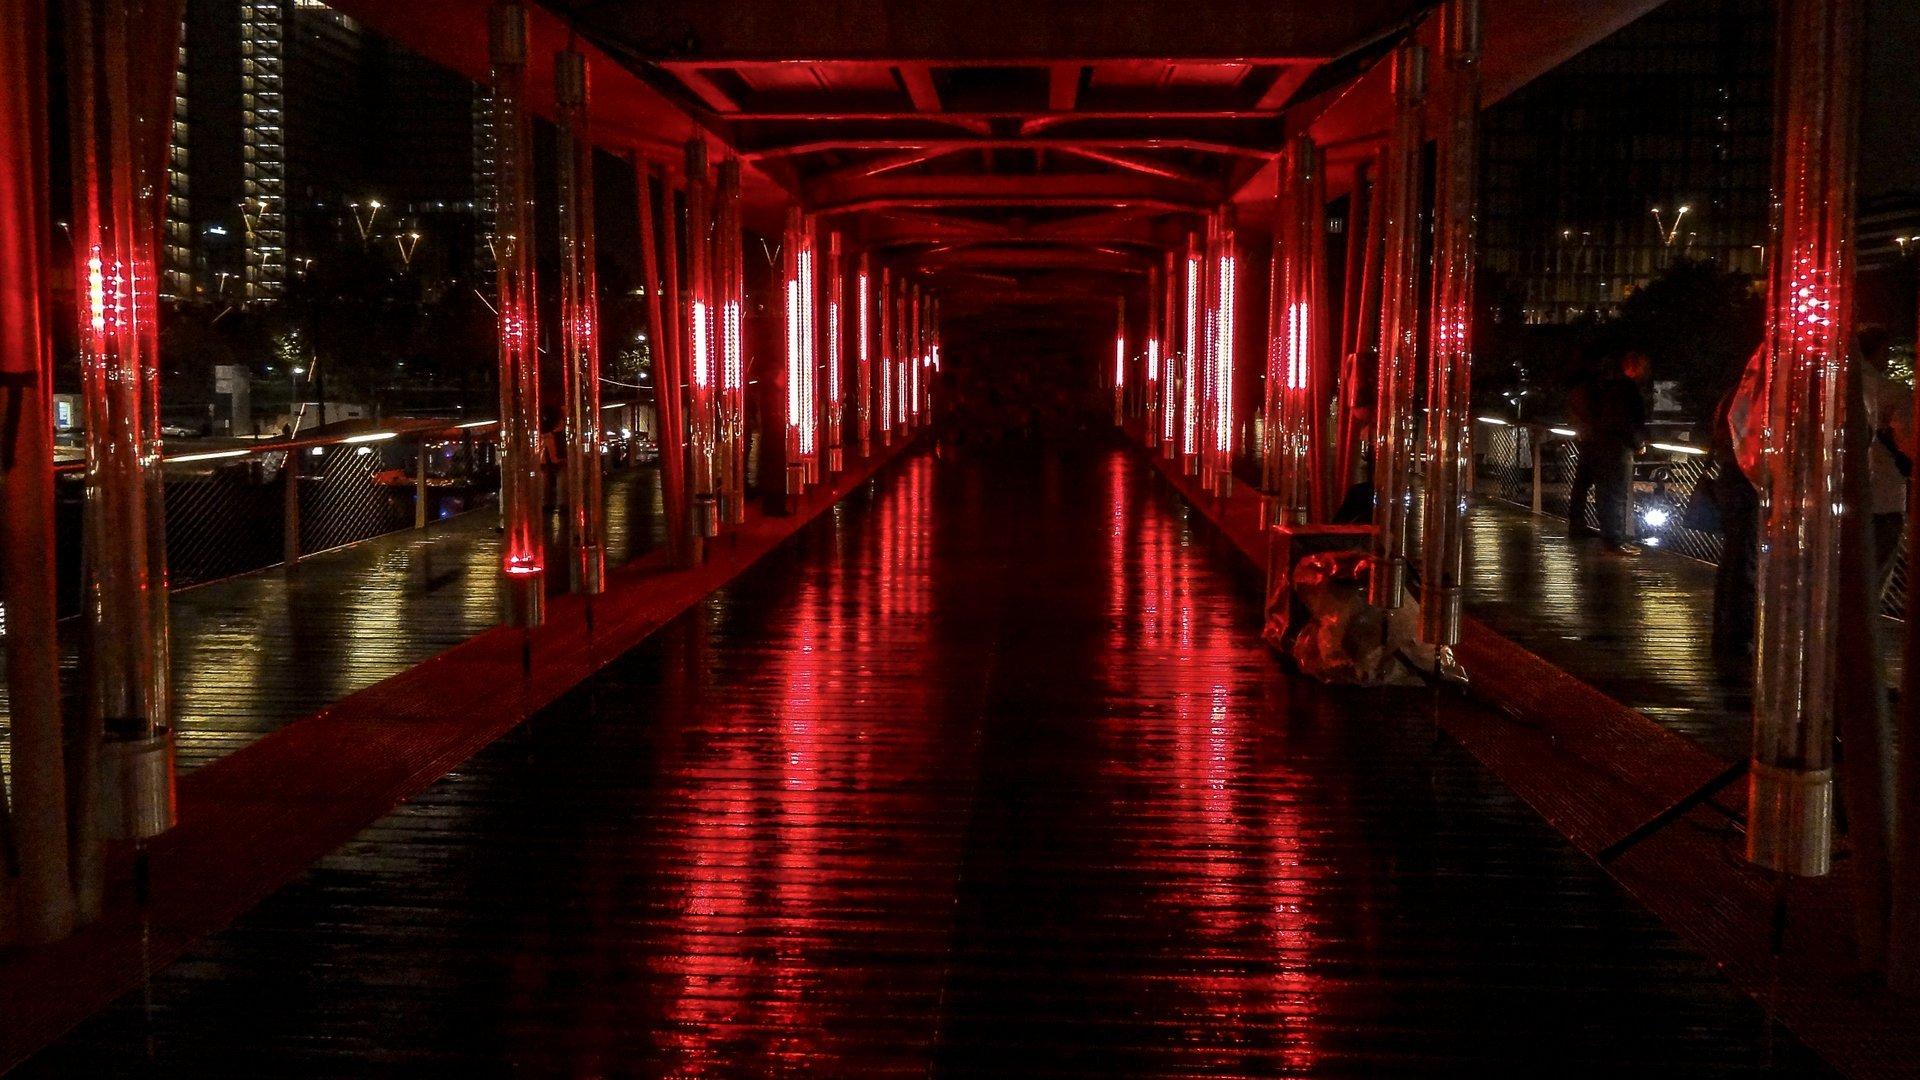 Nuit Blanche at the Passerelle Simone de Beauvoir 2020